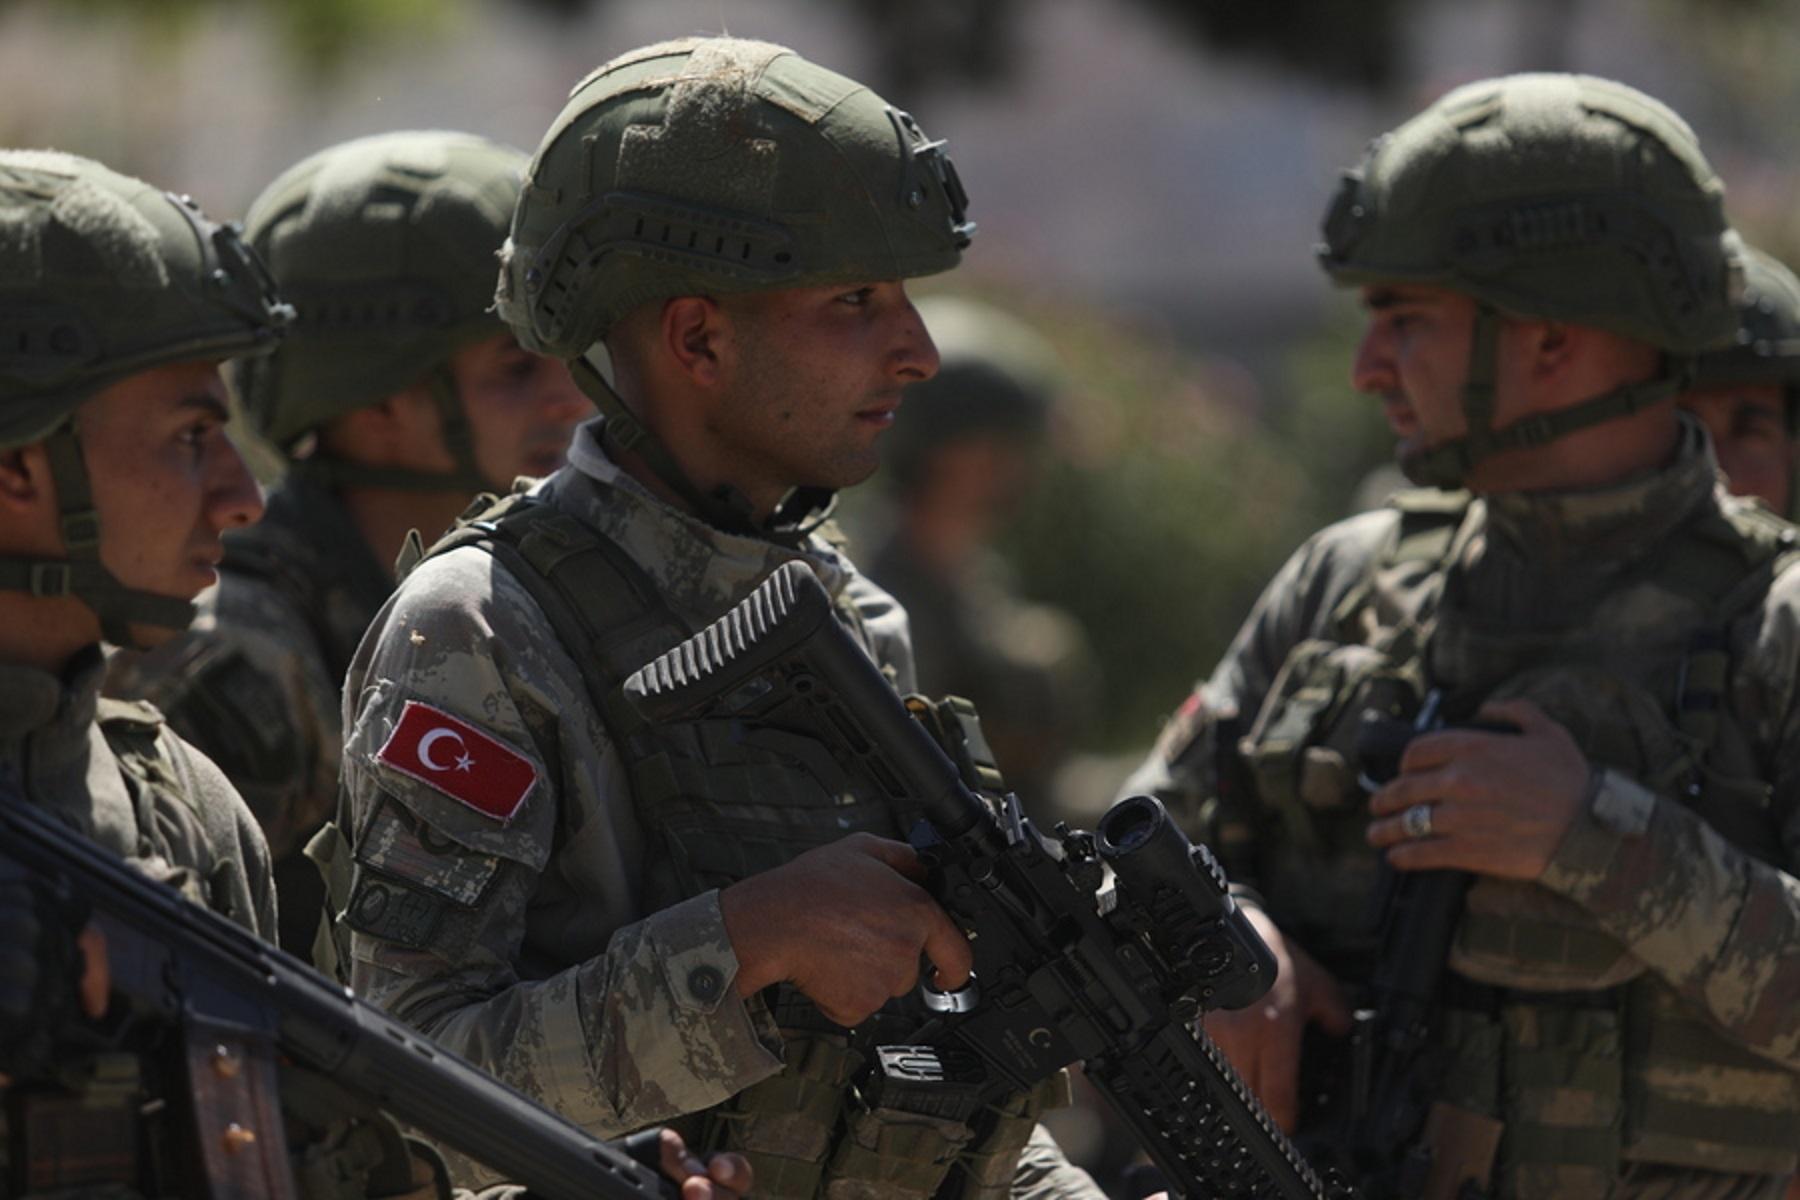 Αφγανιστάν: Ο τουρκικός στρατός άρχισε να αποχωρεί από τη χώρα